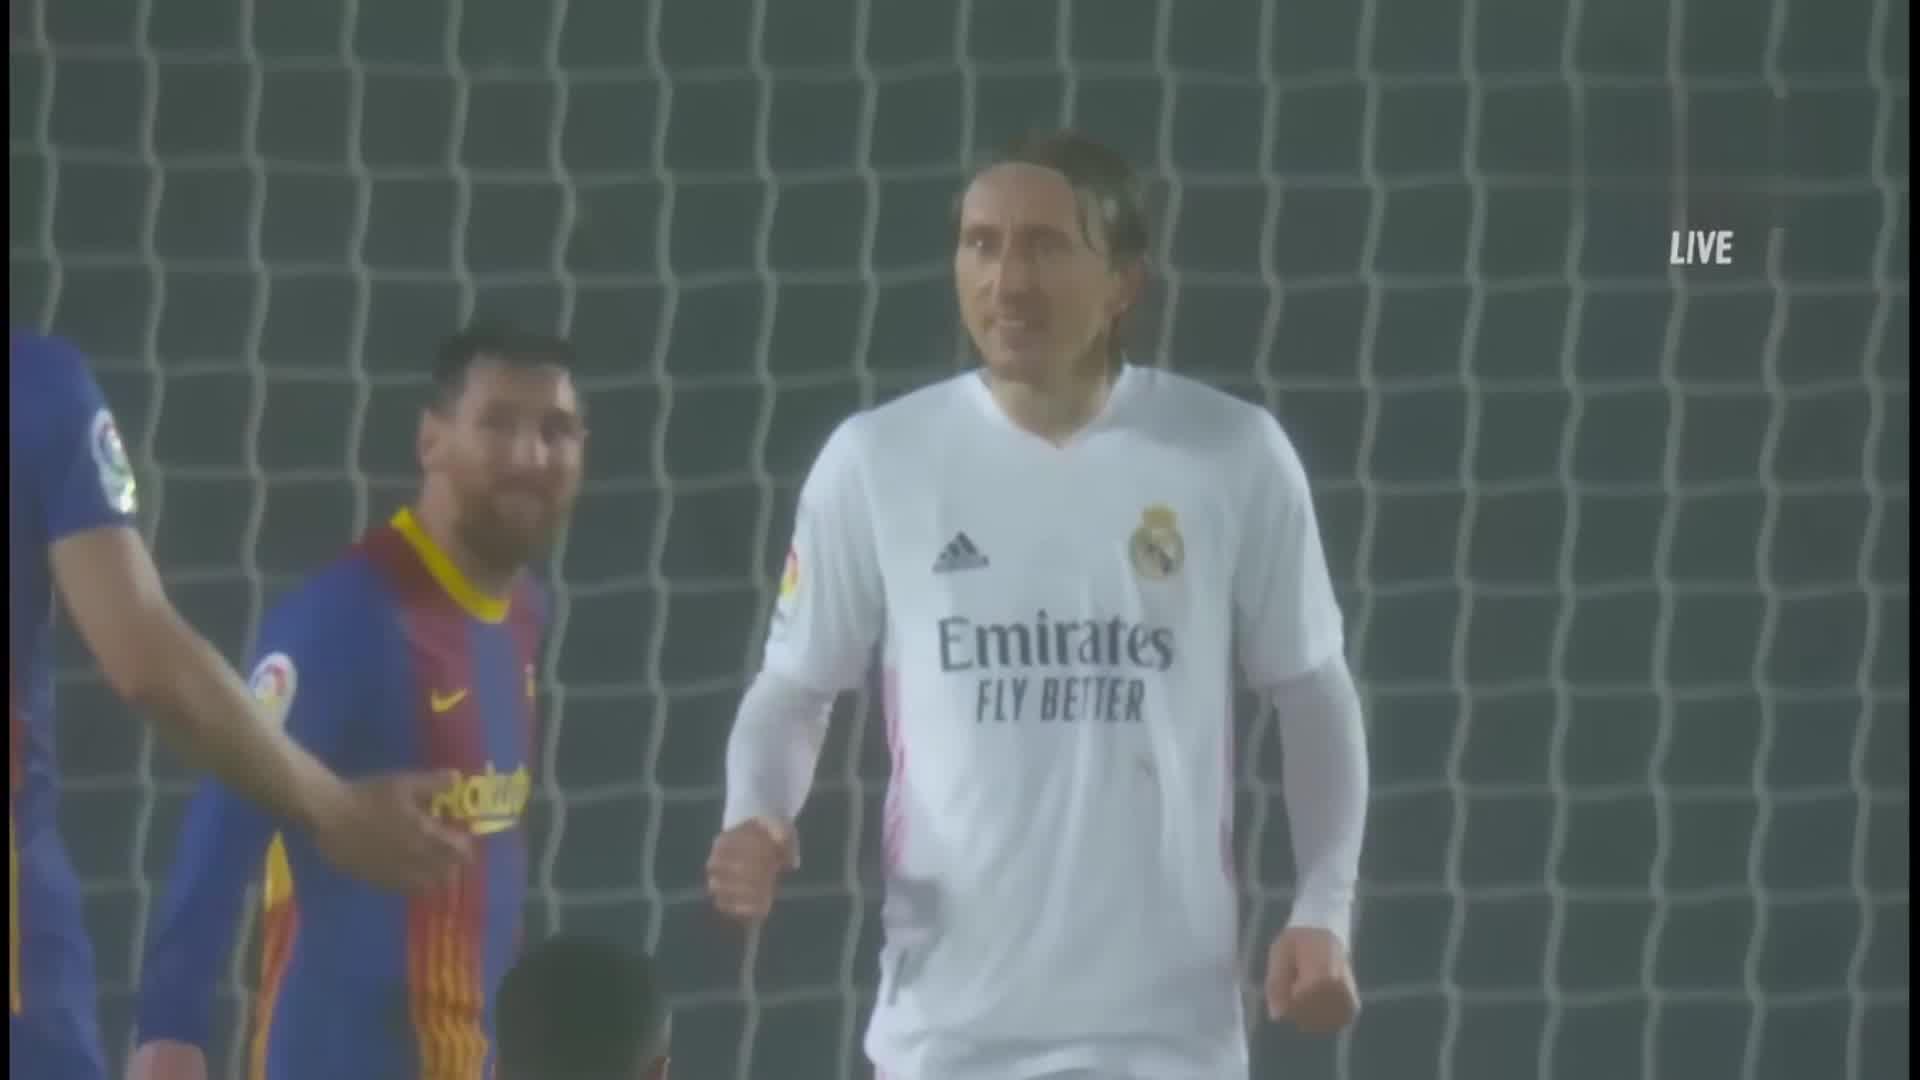 莫德里奇振臂庆祝胜利 梅西入镜成背景板